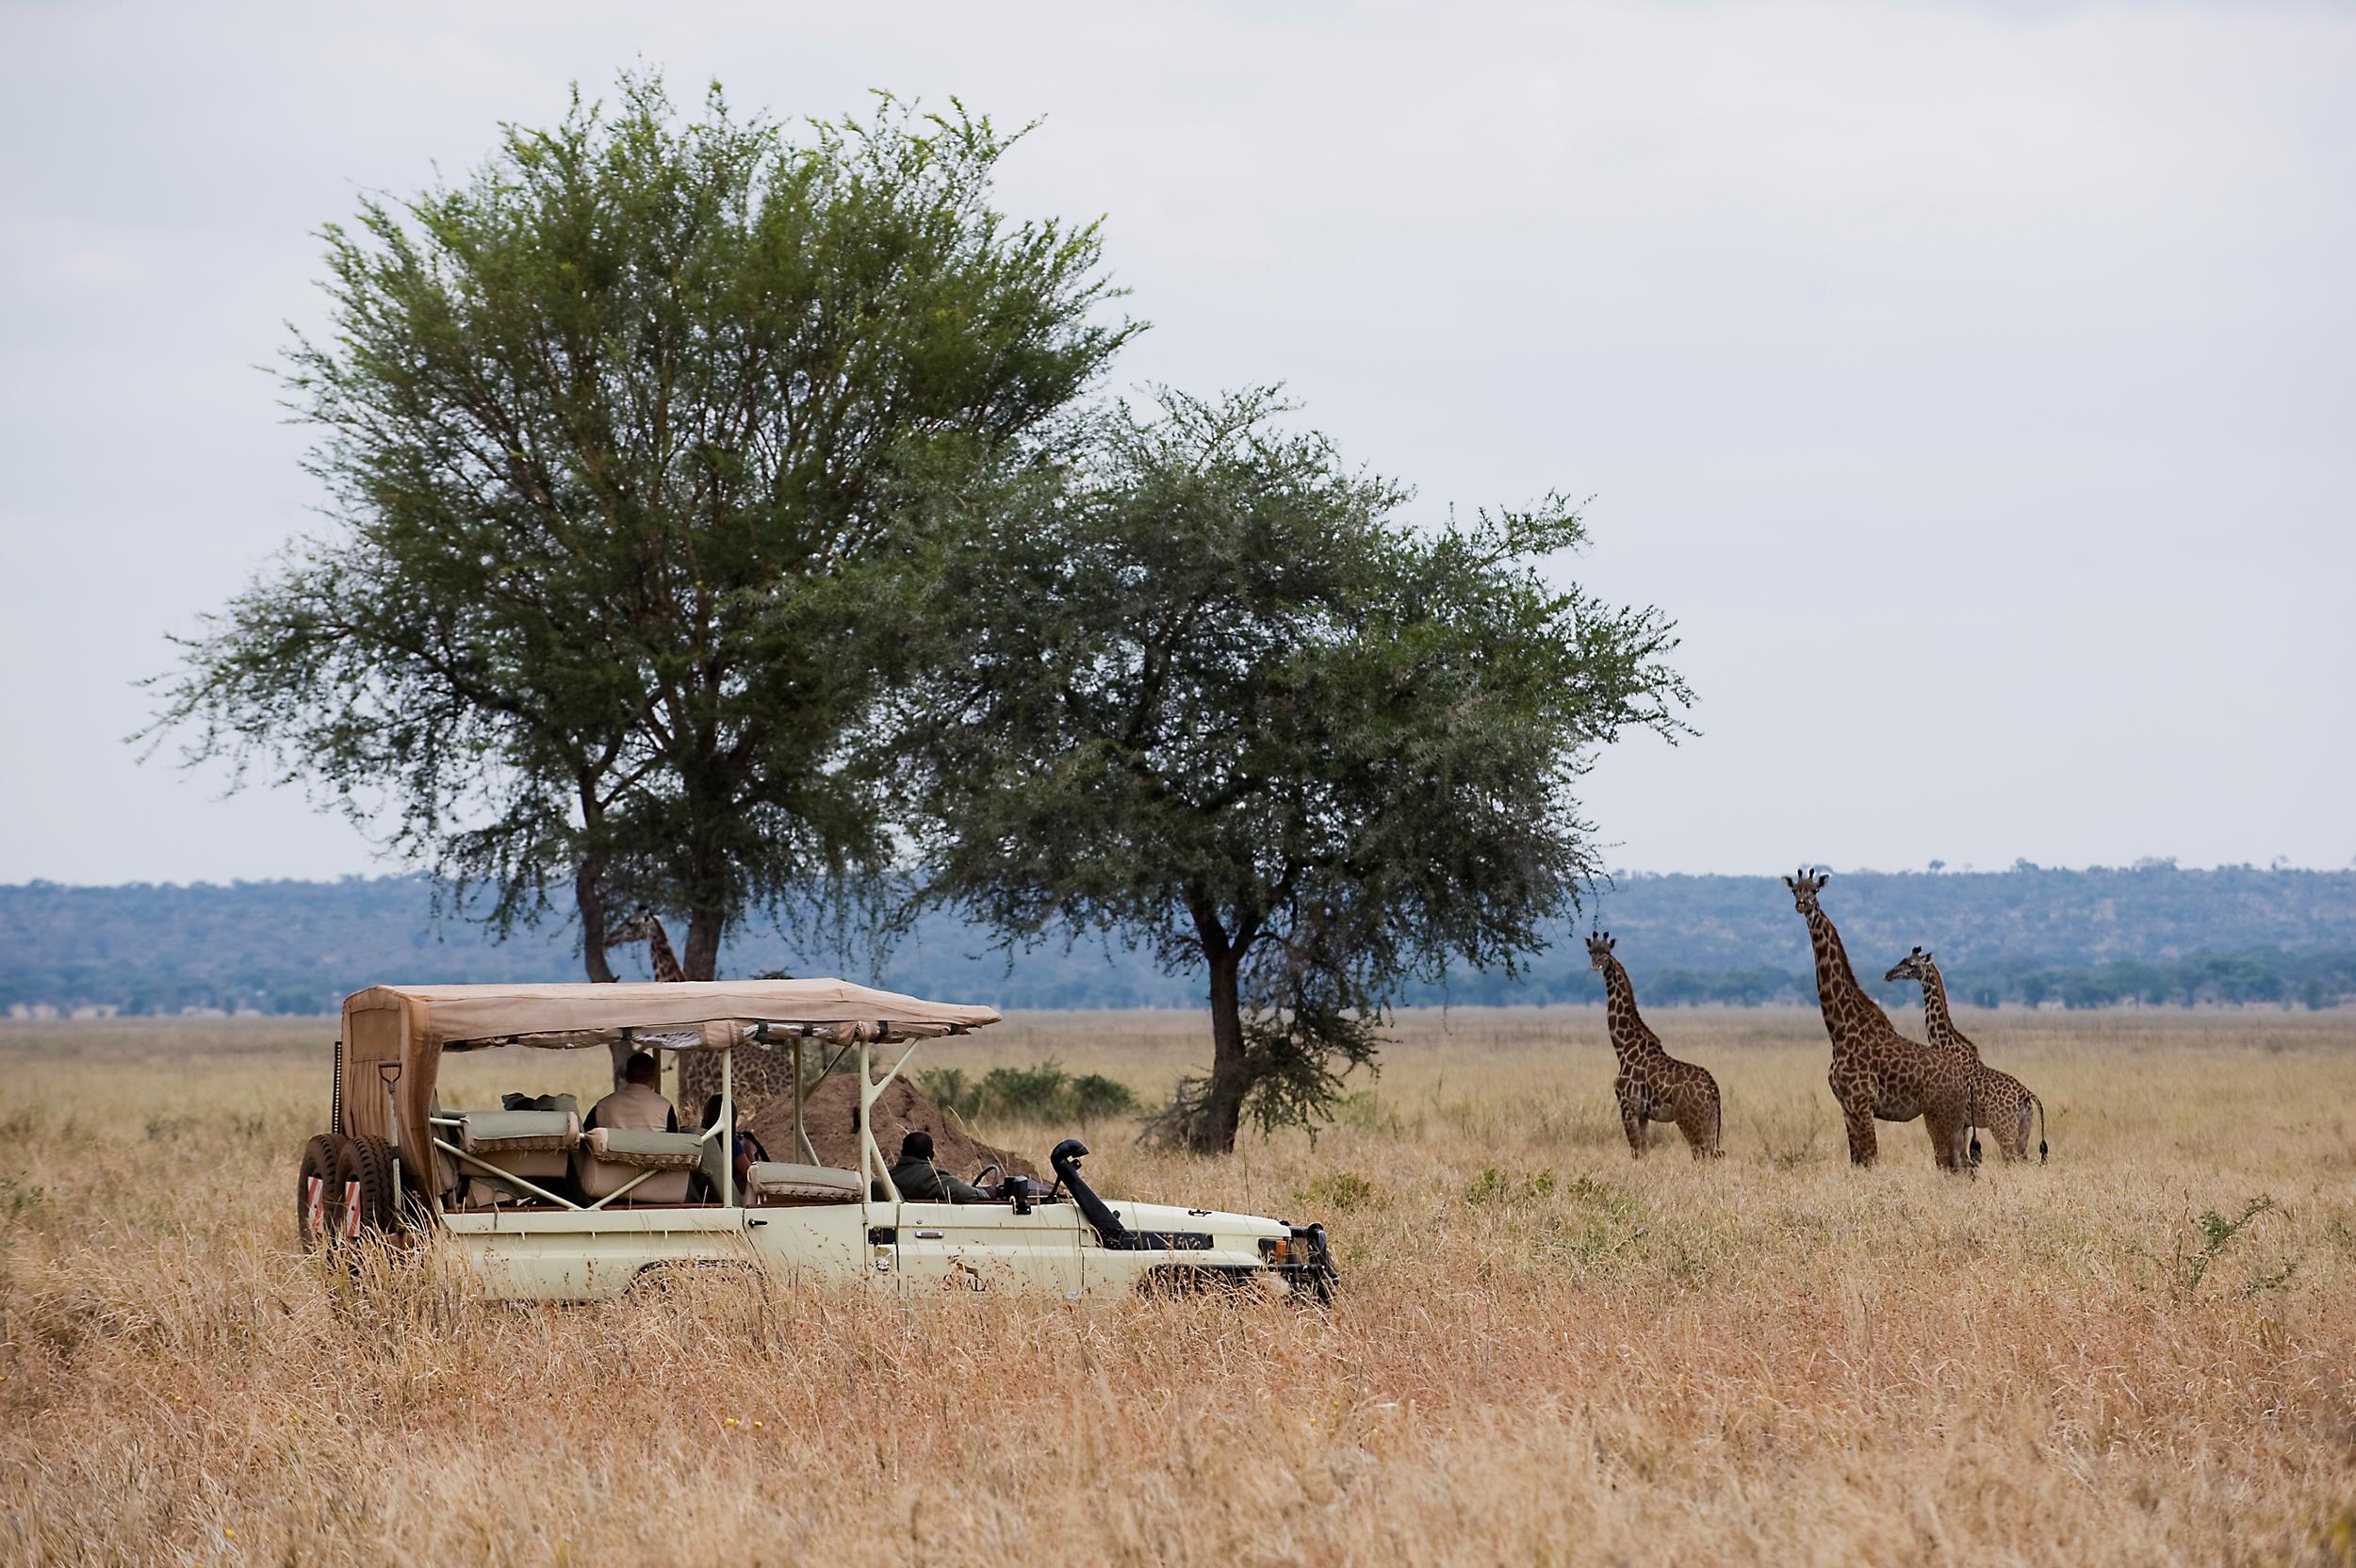 luxury-safari-tanzania-gameviewing-swala-01.jpg